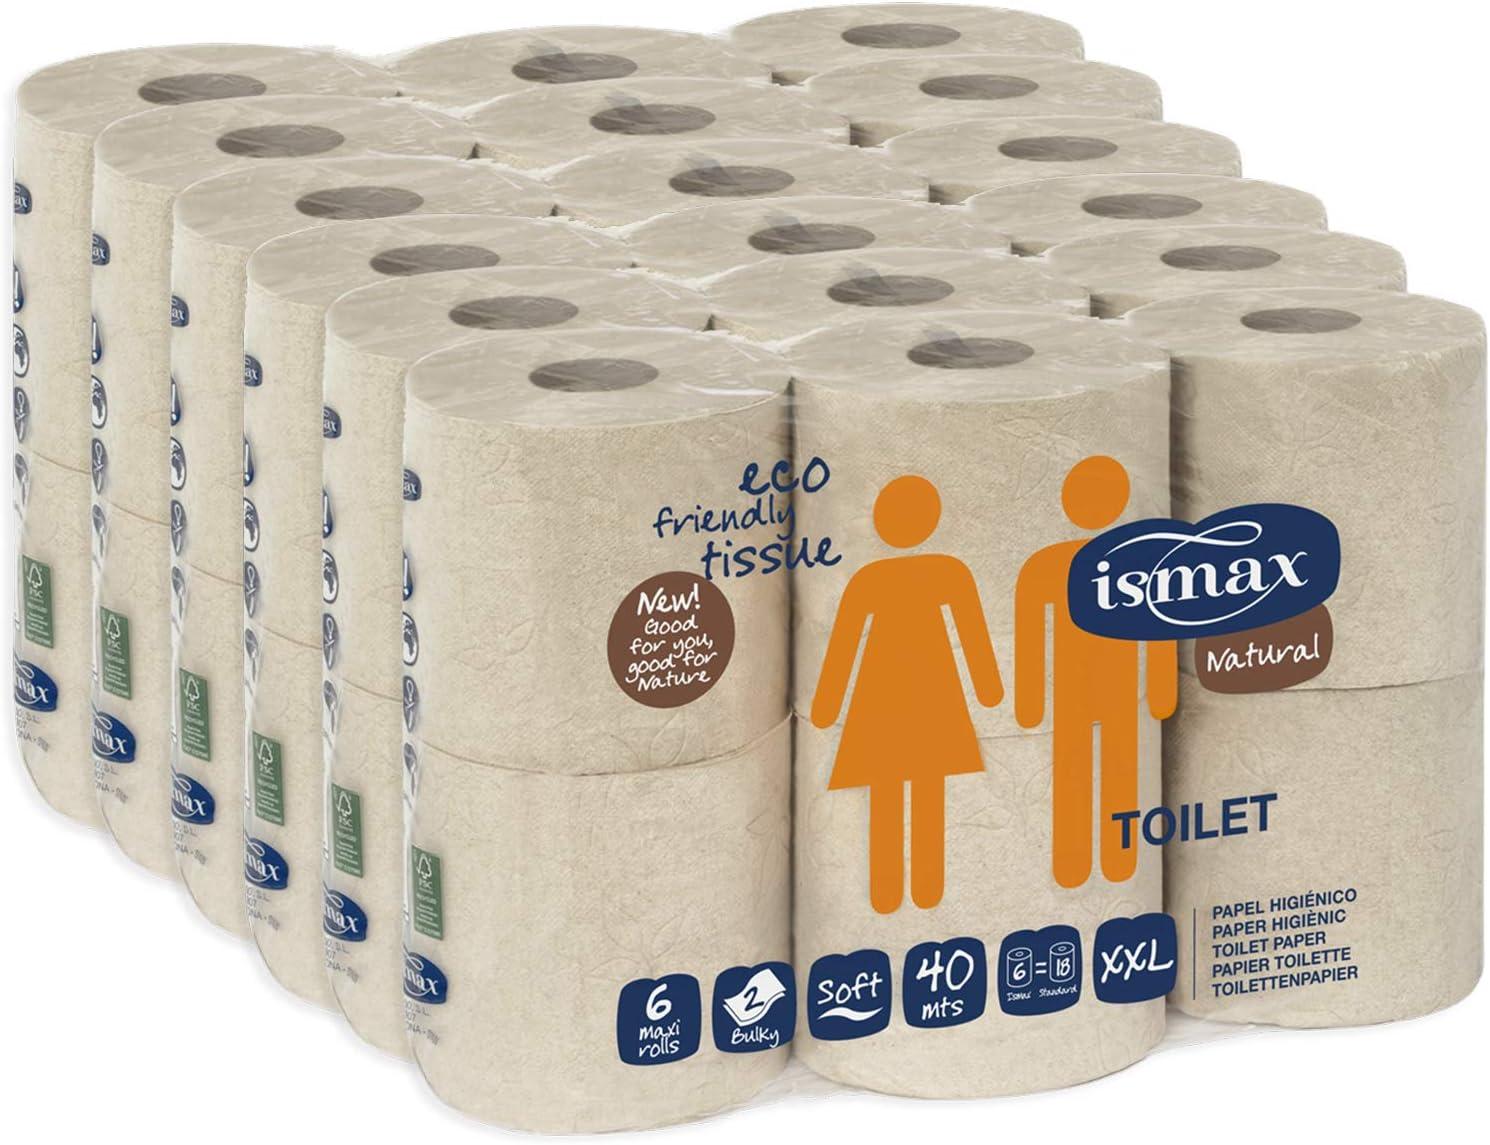 Papel Higiénico Reciclado Baño Rollo Ecologico Wc Pack 36 unidades ...